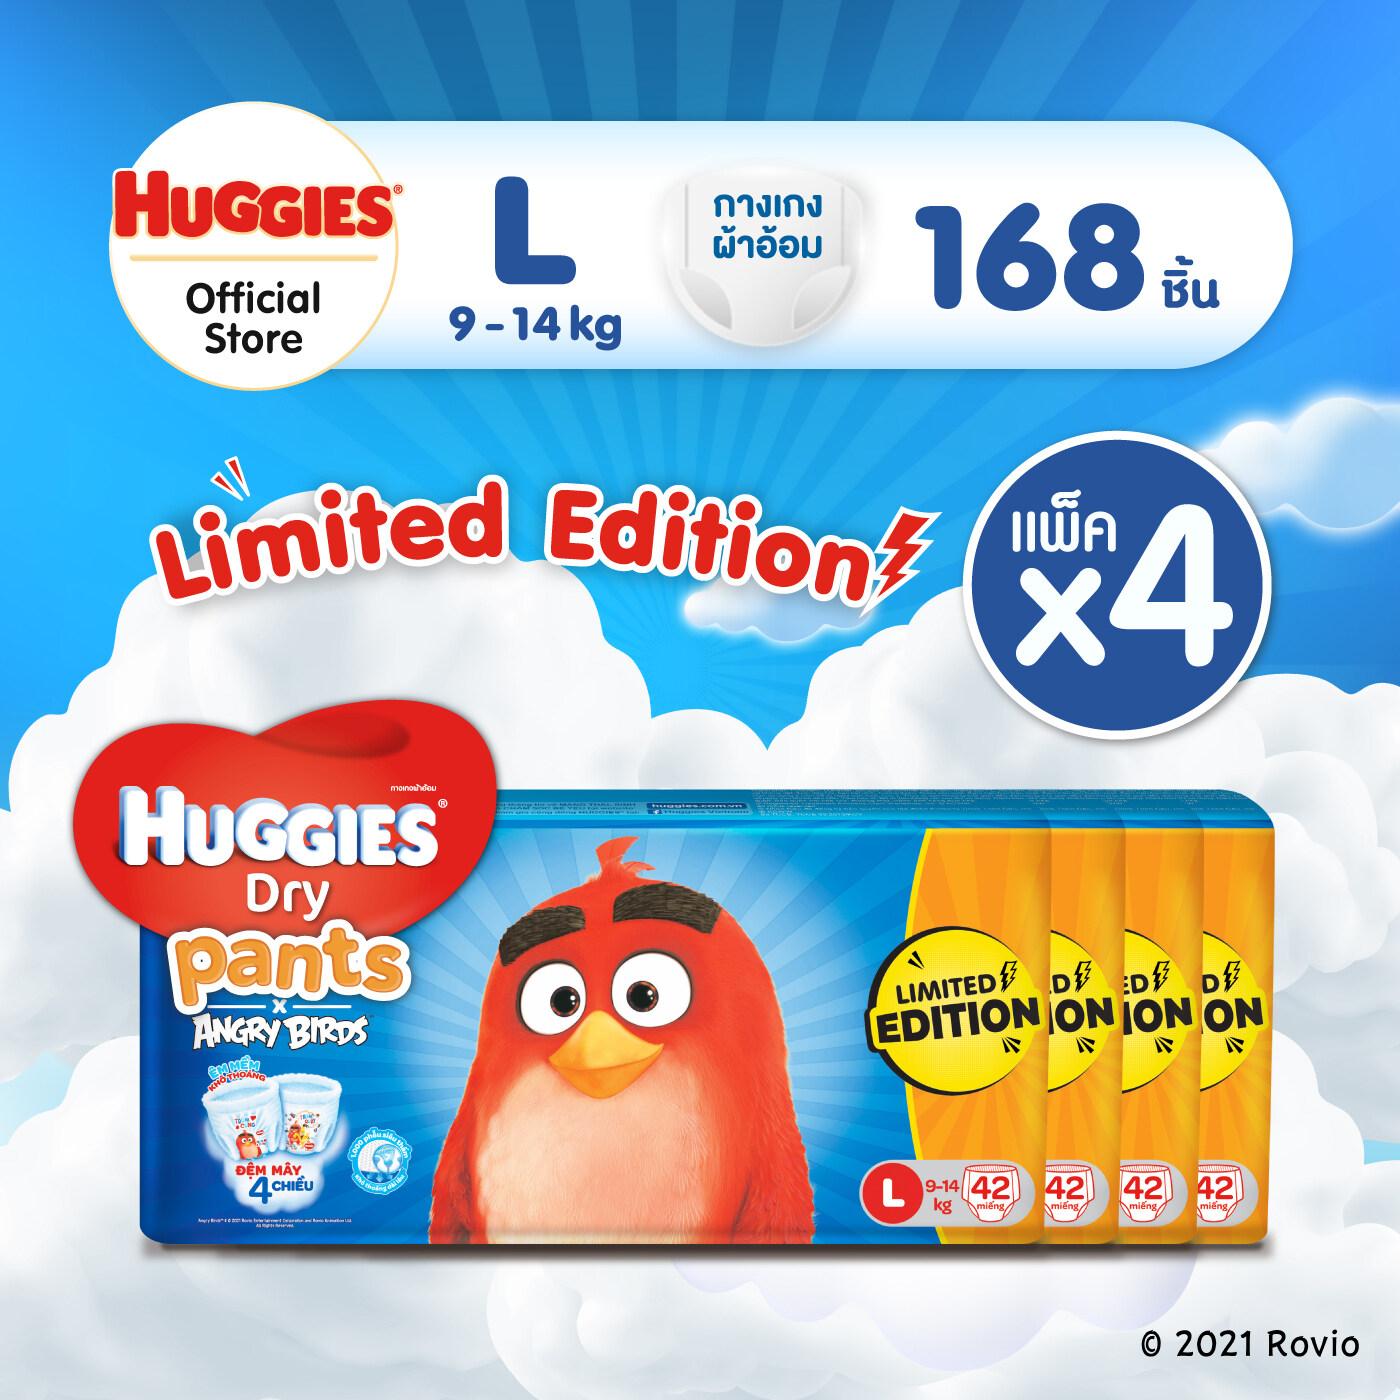 [ยกลัง] Limited Edition! Huggies Dry Pants Angry Birds [L] กางเกงผ้าอ้อมเด็ก ฮักกี้ส์ ดราย แองกรี้ เบิร์ด ไซส์ L 42 ชิ้น x 4 แพ็ค (168ชิ้น)